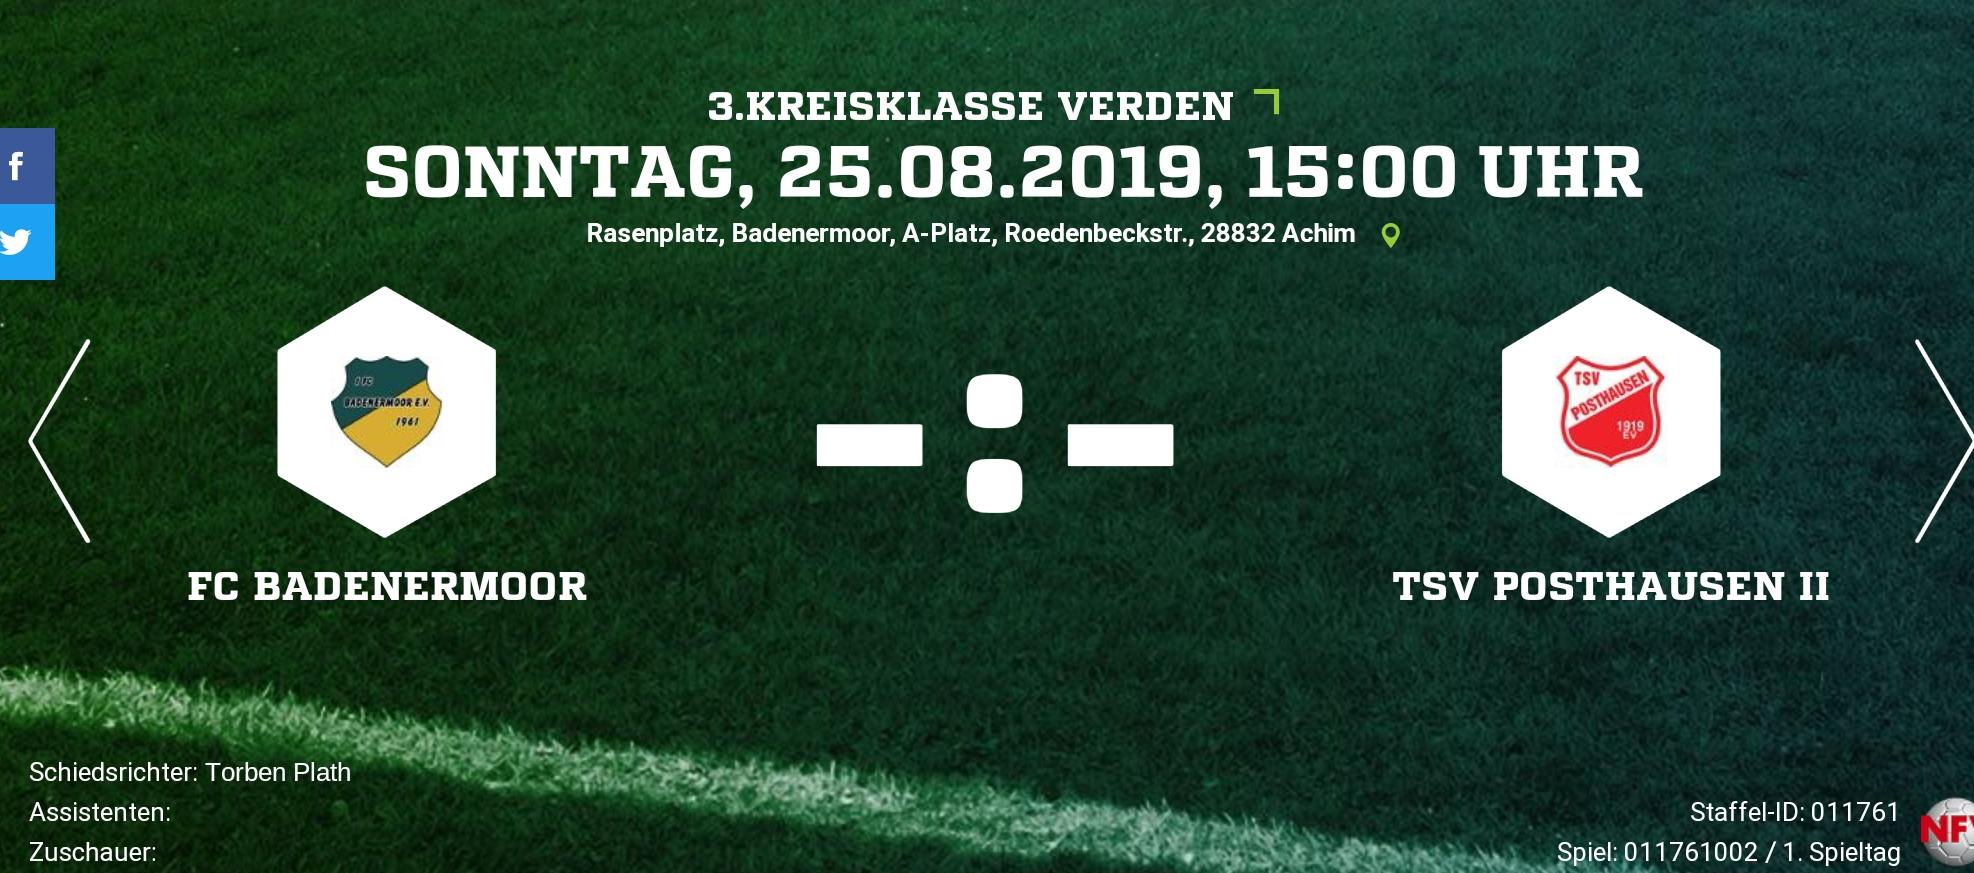 Saisonbeginn gegen TSV Posthausen 2